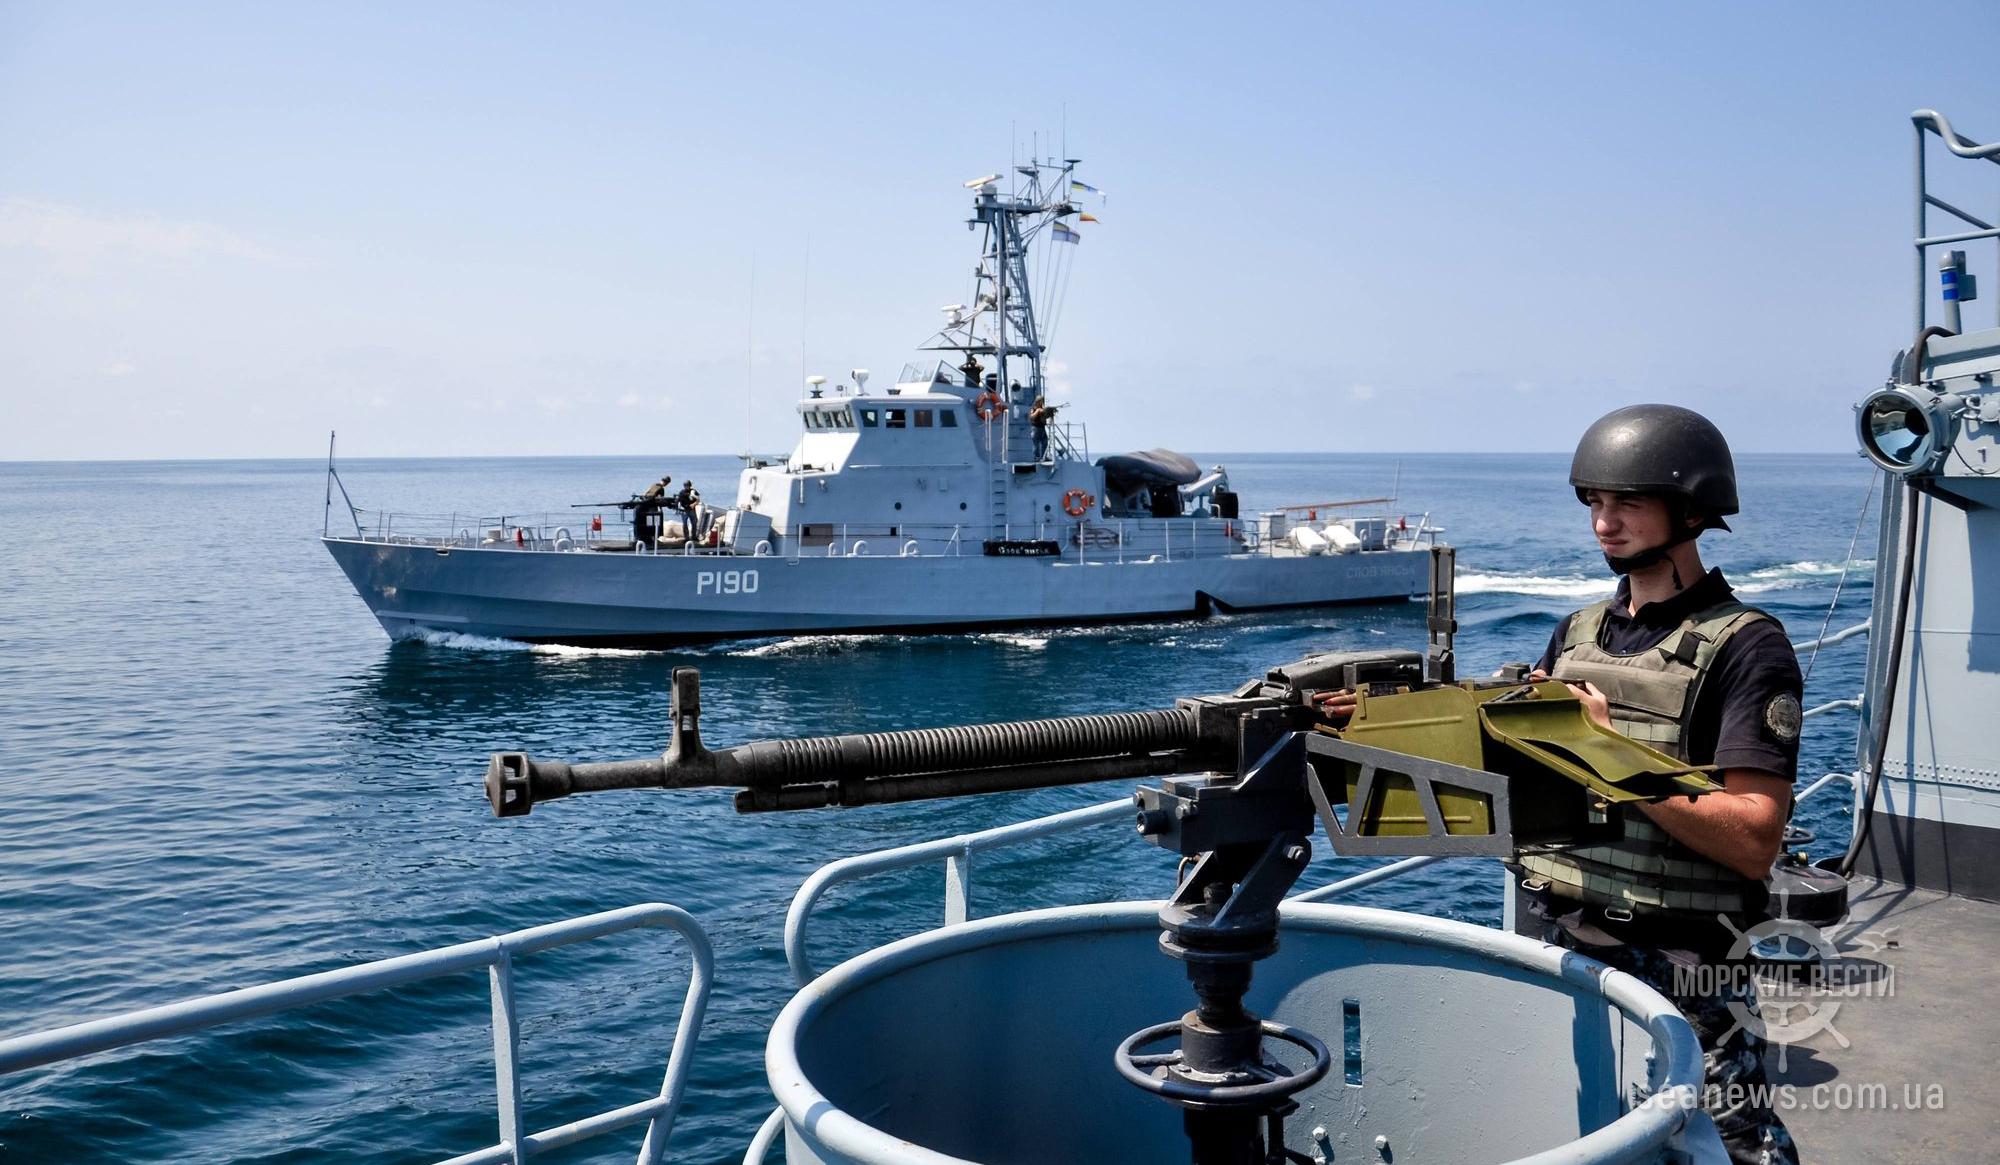 ВМС Украины будут участвовать в многонациональных военных учениях в Грузии